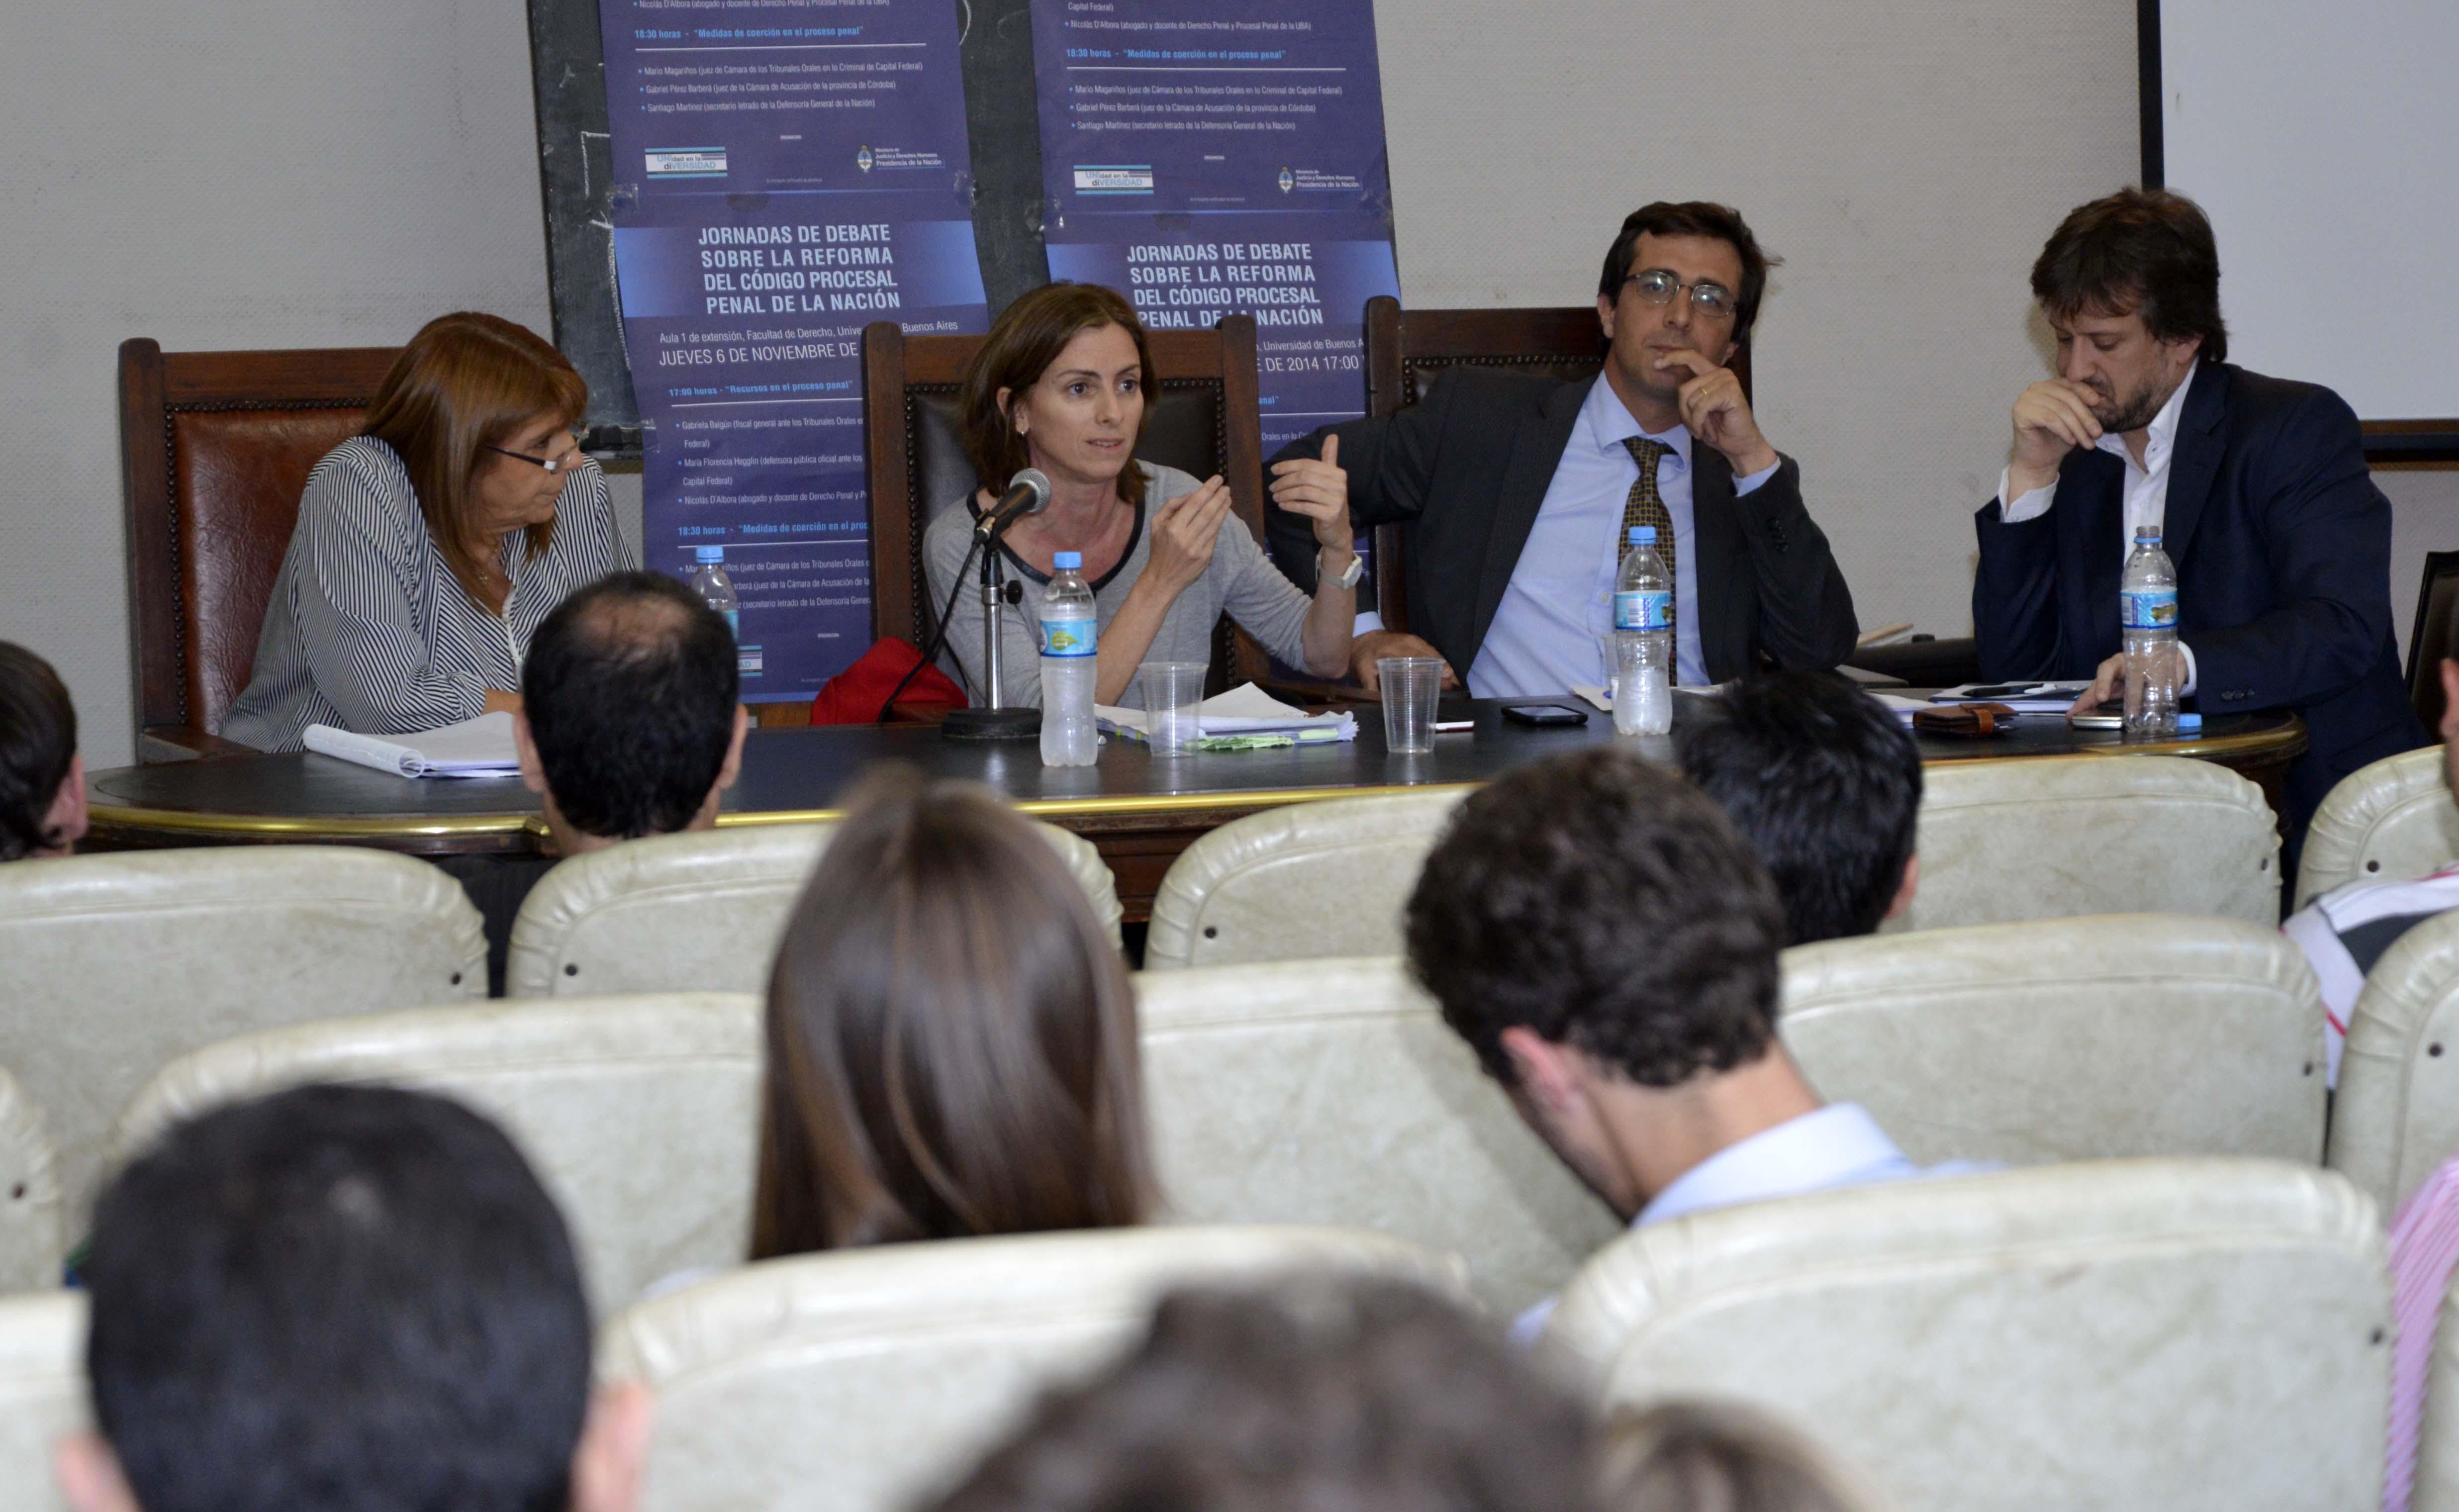 Continúan las jornadas de debate sobre la reforma del Código Procesal Penal